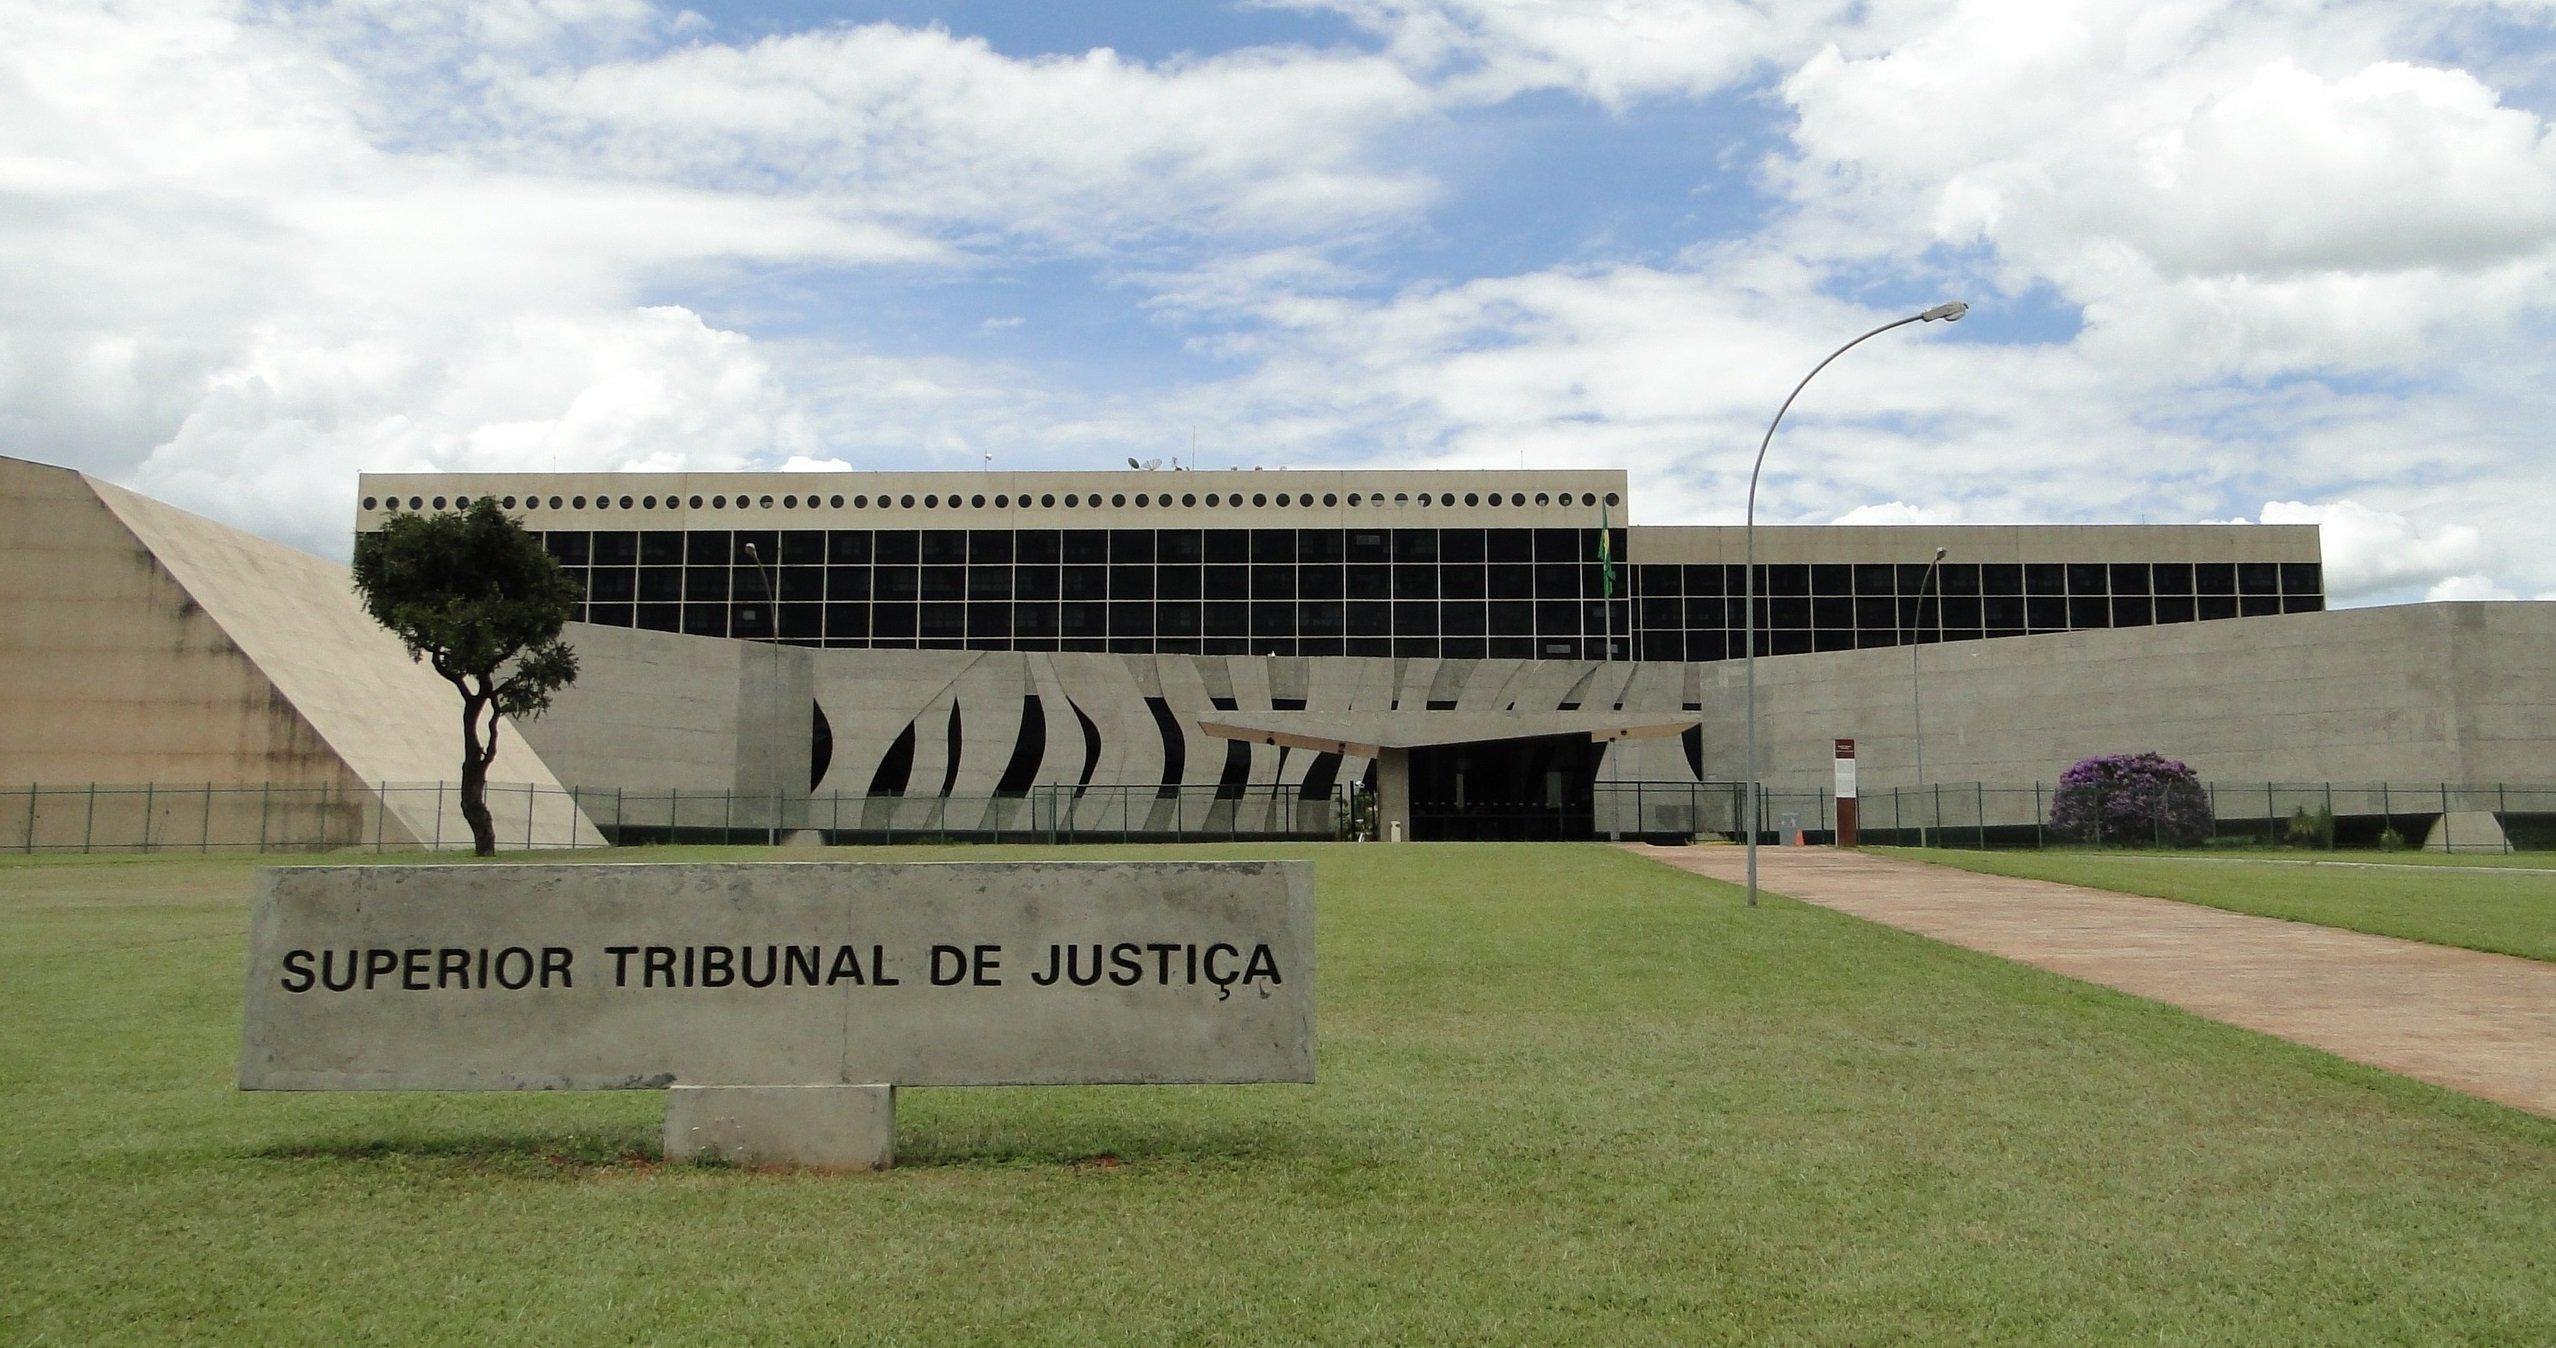 Conheça as quatro últimas súmulas do STJ em matéria penal